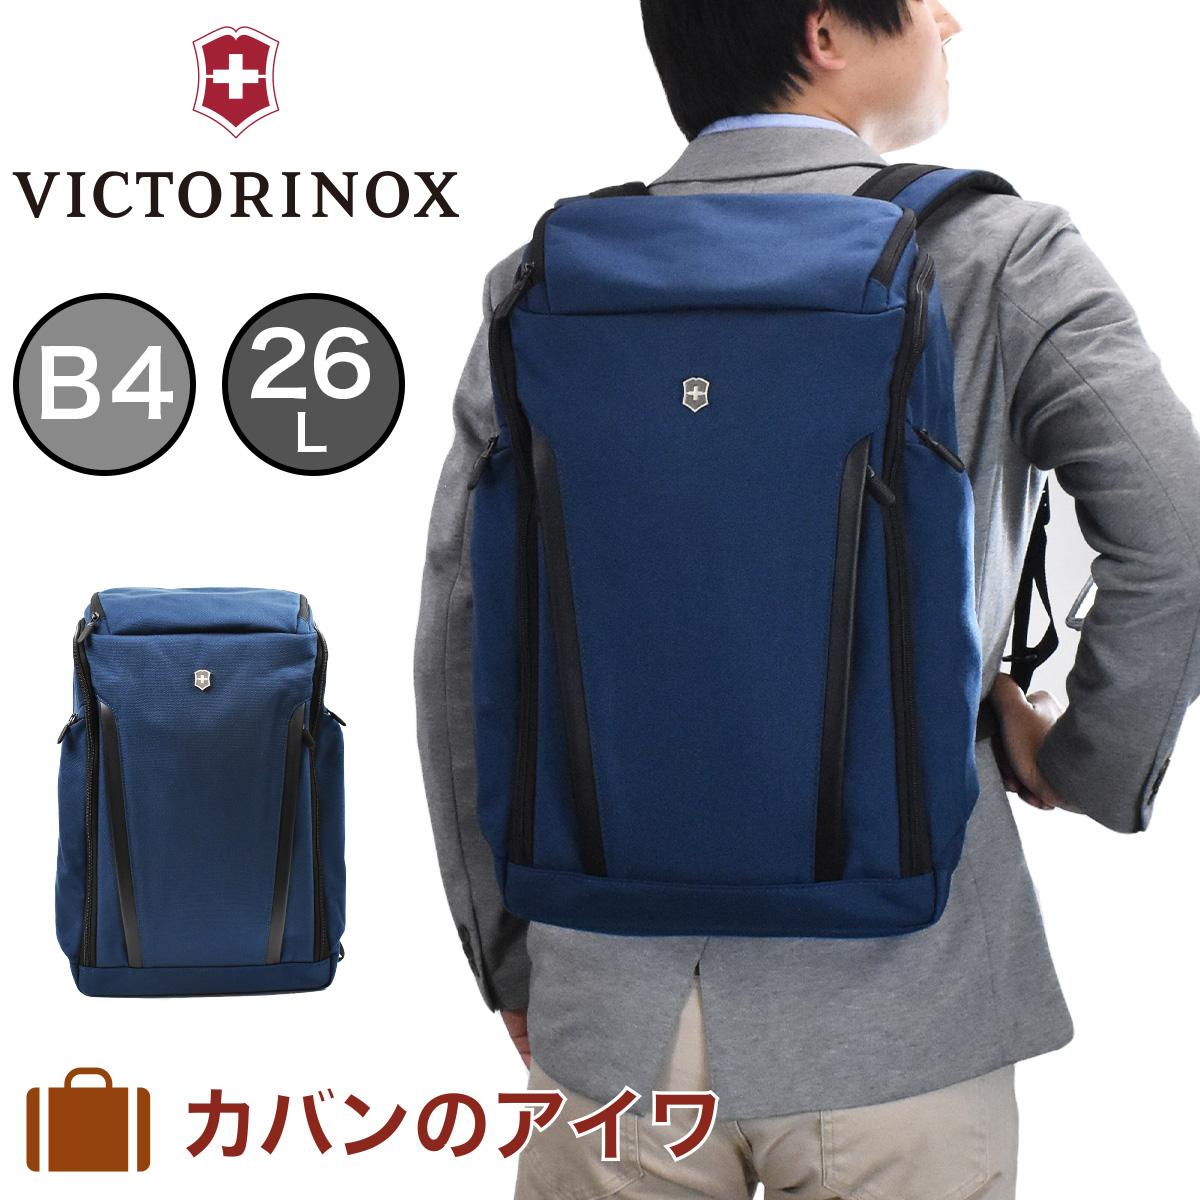 ビクトリノックス ビジネスバッグ リュック VICTORINOX ビジネスリュック 606383 B4 26L アルトモント フリップトップ ラップトップ メンズ レディース リュックサック バックパック ビジネスバック バッグ 人気 通勤 コーデュラ 防水